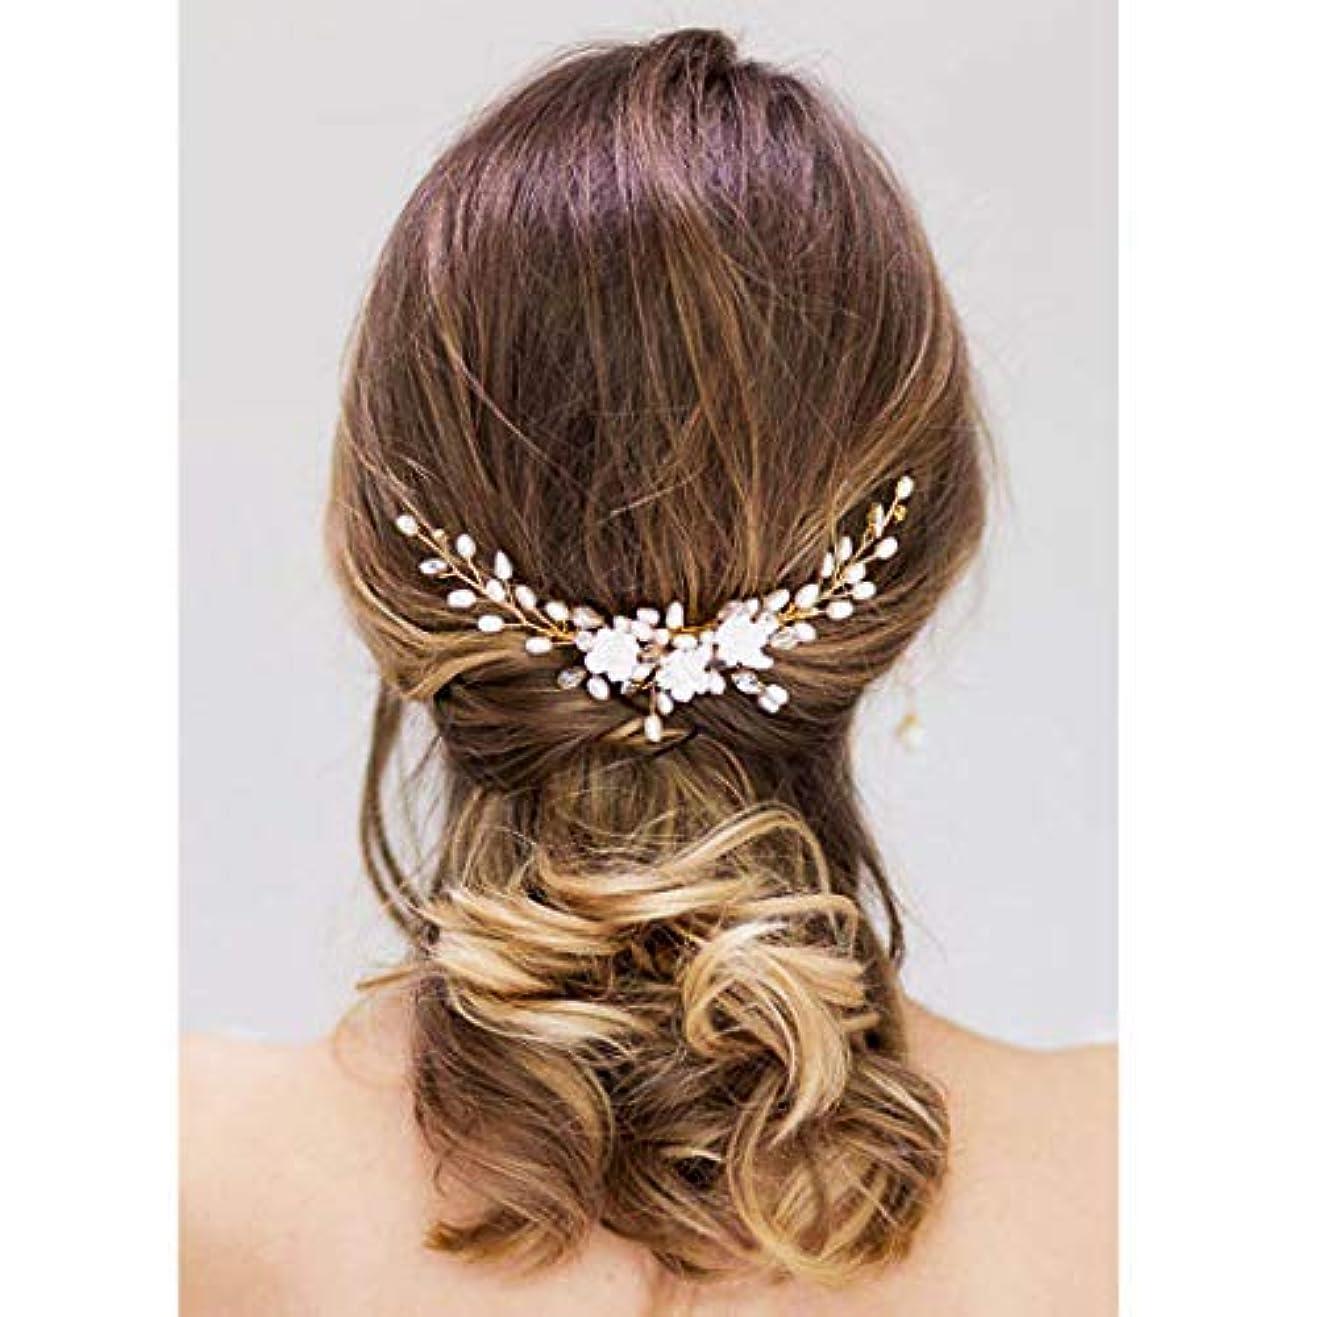 奪う拷問建物Drecode Bride Wedding Hair Comb Flower Headpiece Pearl Rhinestone Hair Accessories for Women and Girls [並行輸入品]